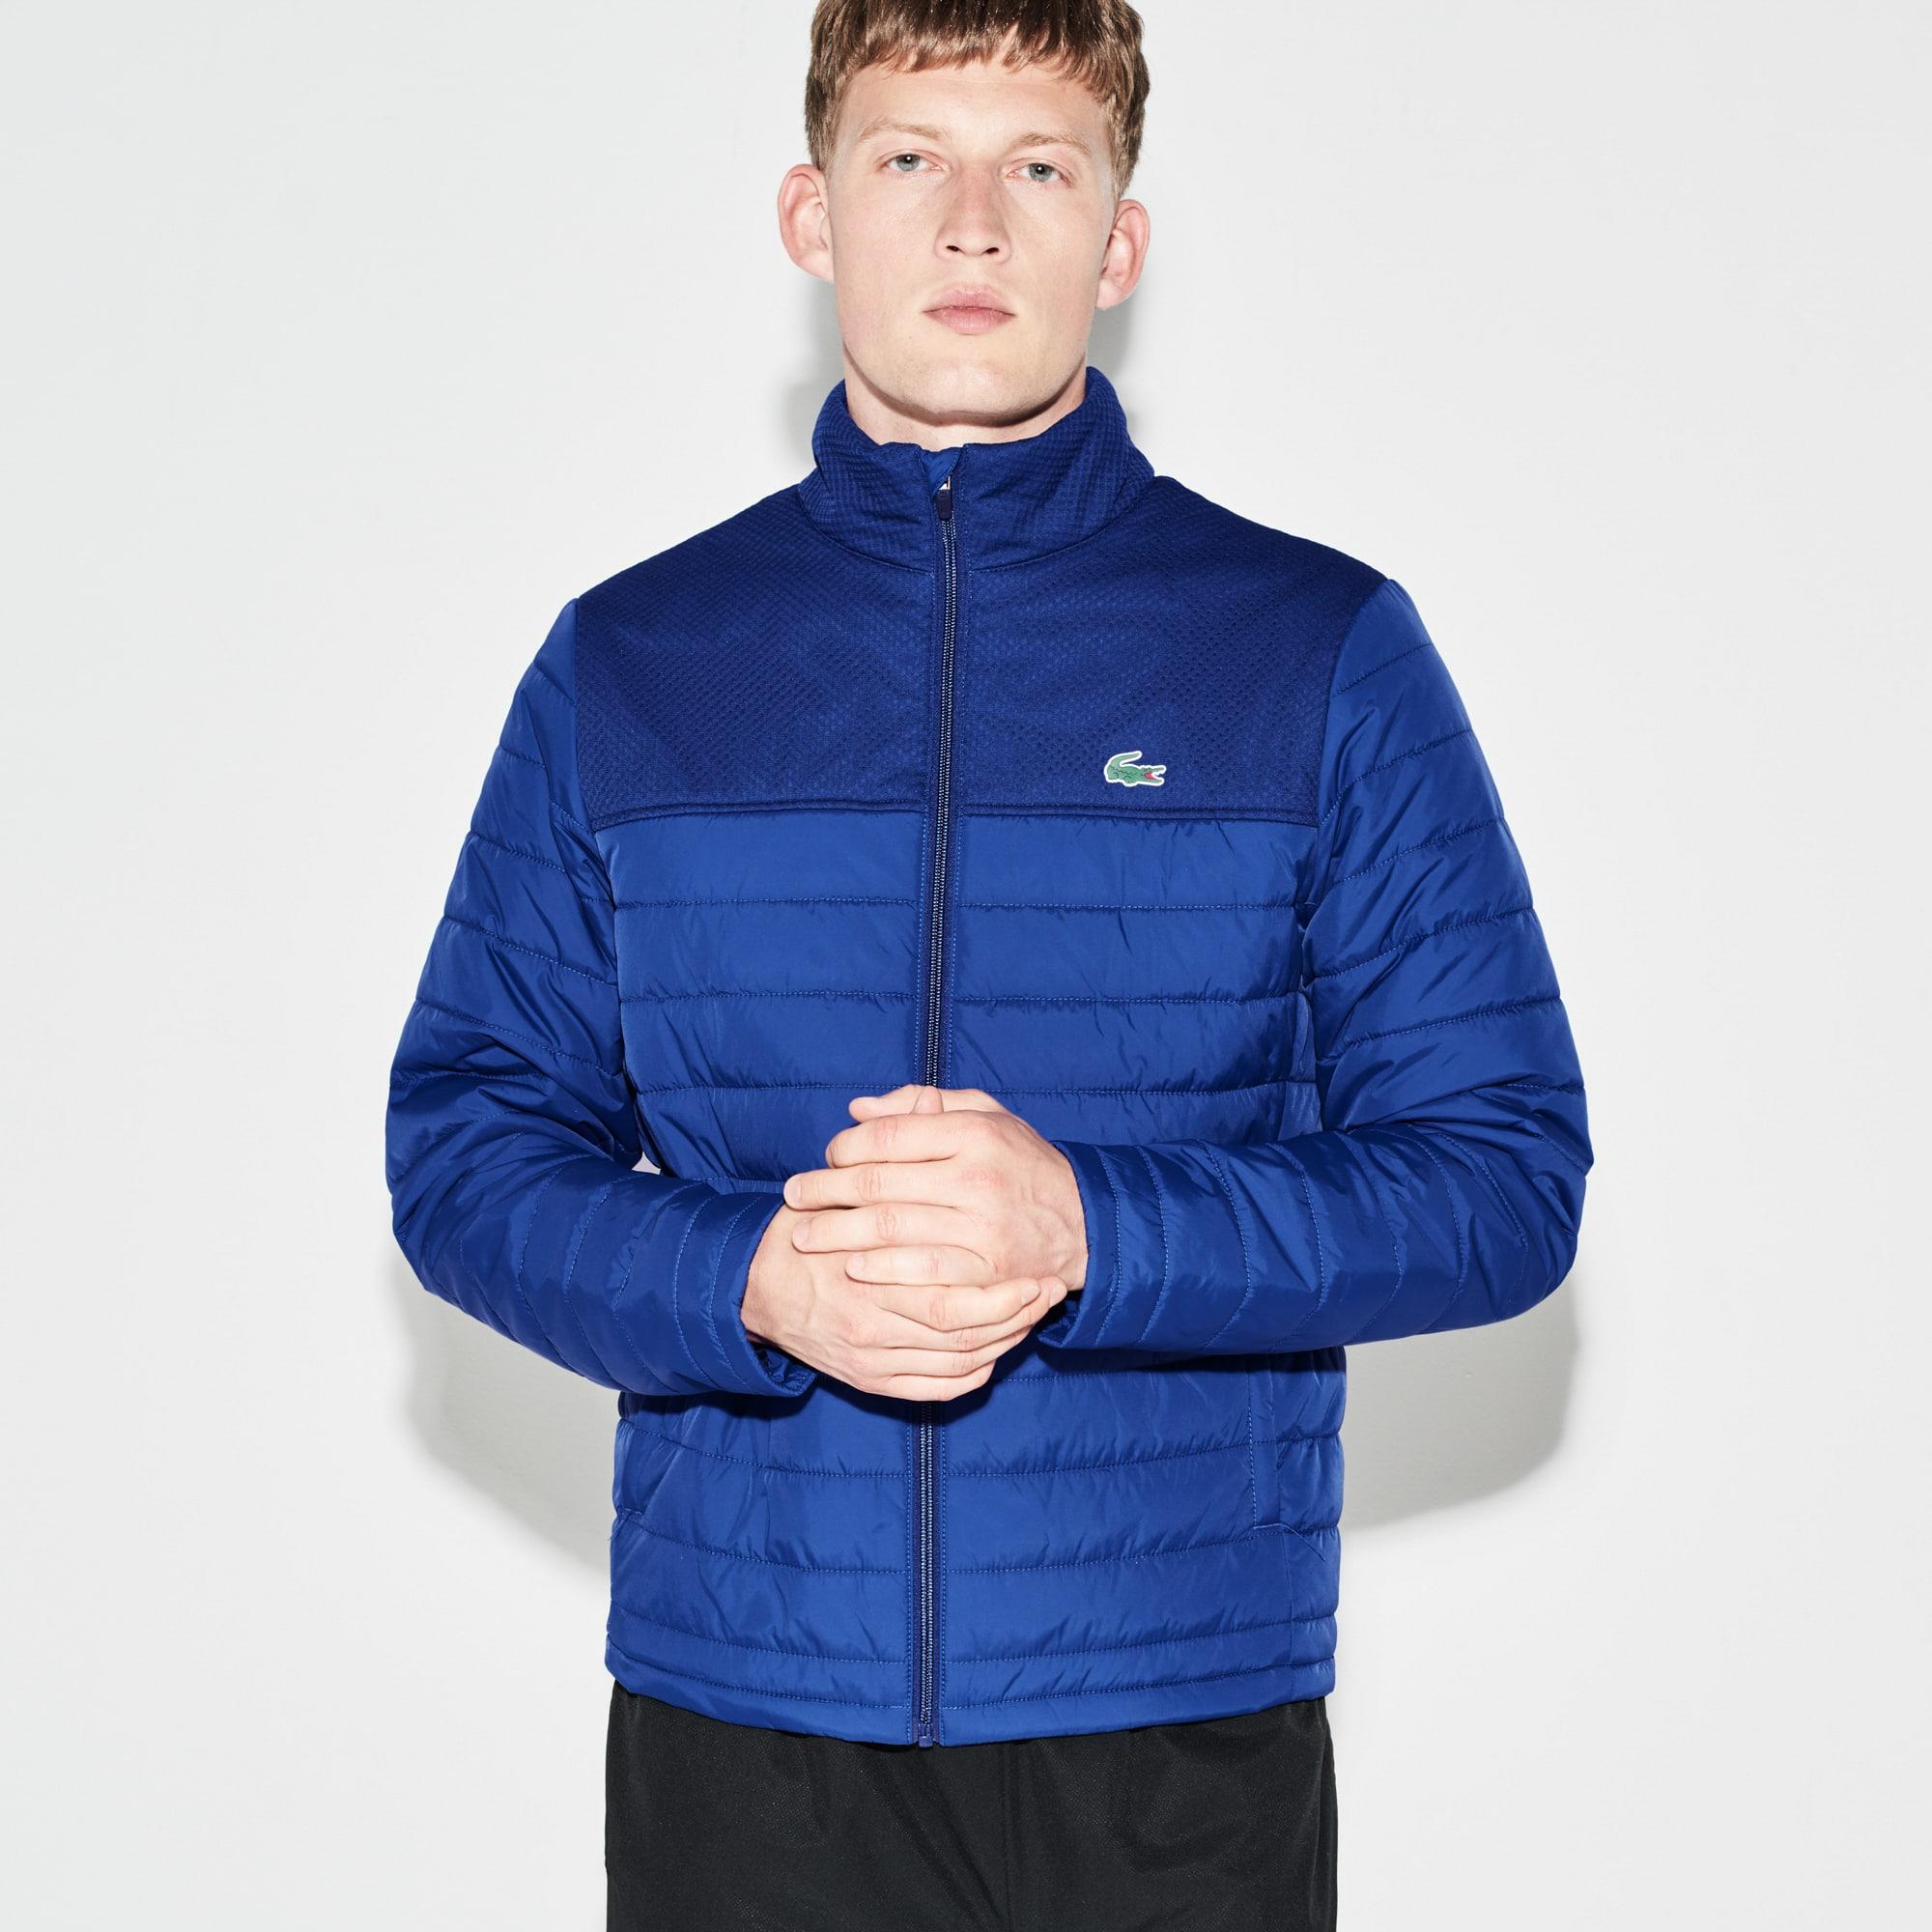 Blusão acolchoado com fecho de correr Tennis Lacoste SPORT com encaixe em mesh